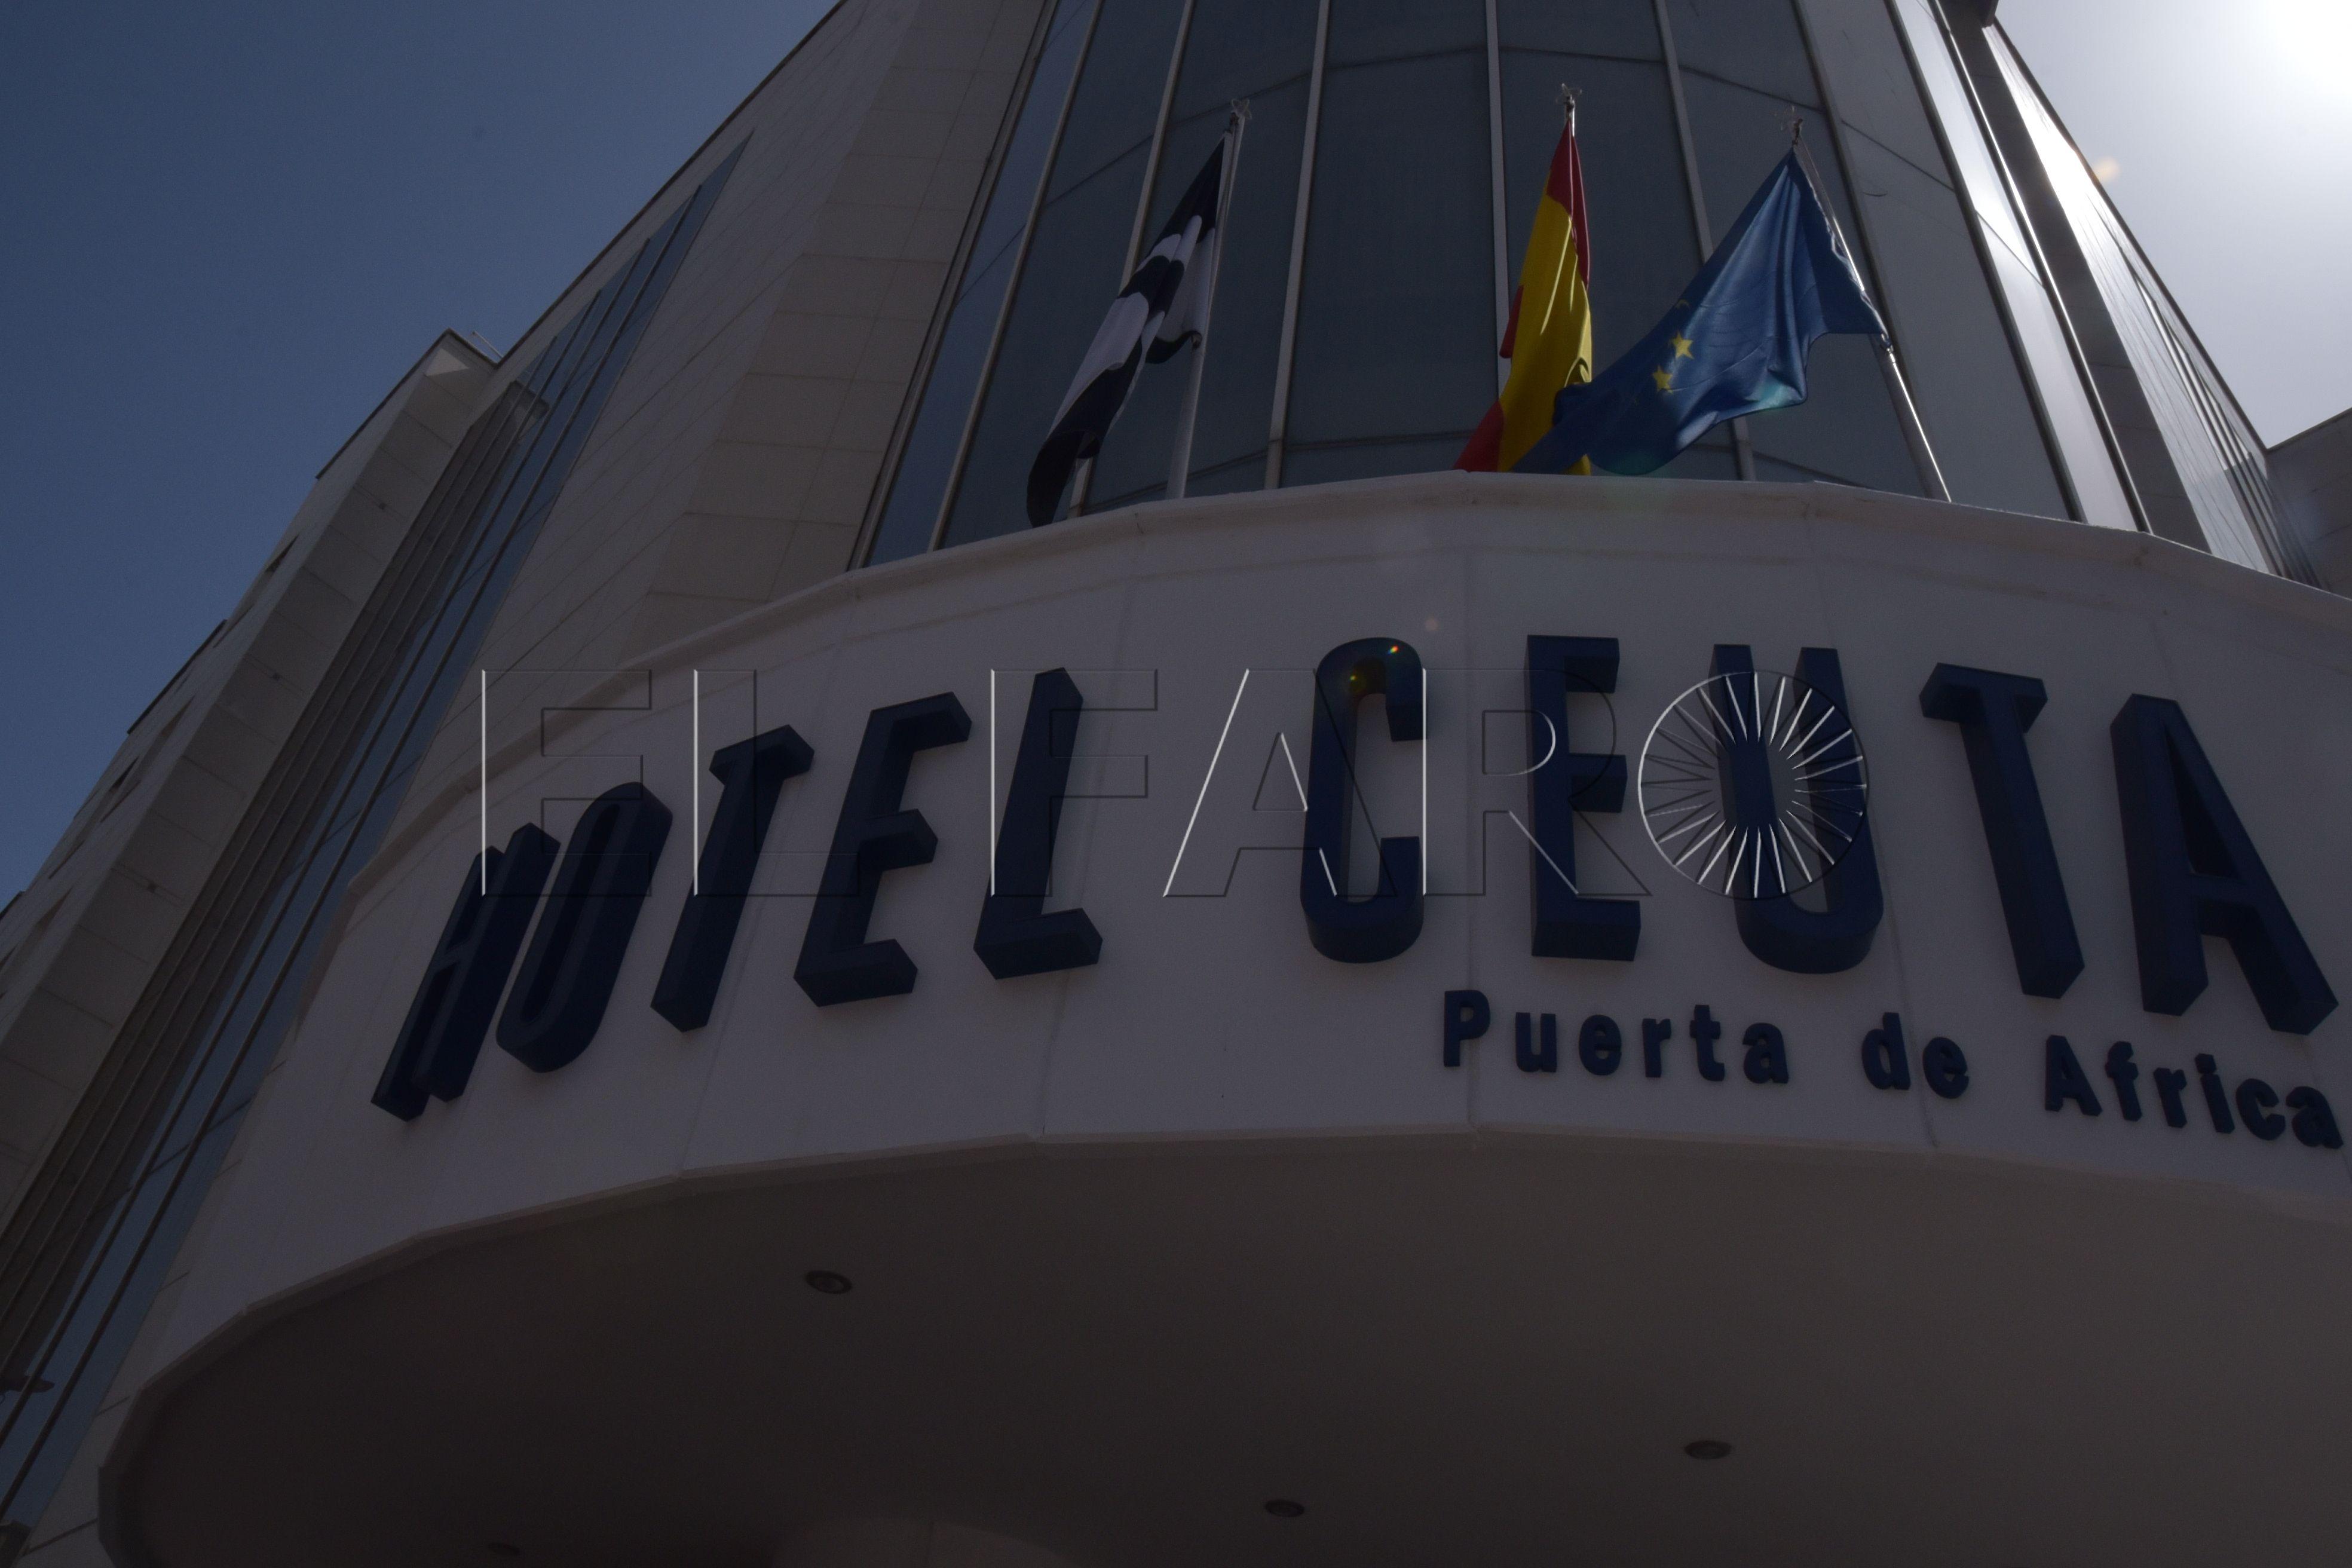 """MDyC dice que la auditoría del 'Puerta de África' recomienda llevar la deuda de la Ciudad y sus empresas a pérdidas """"por incobrable"""""""